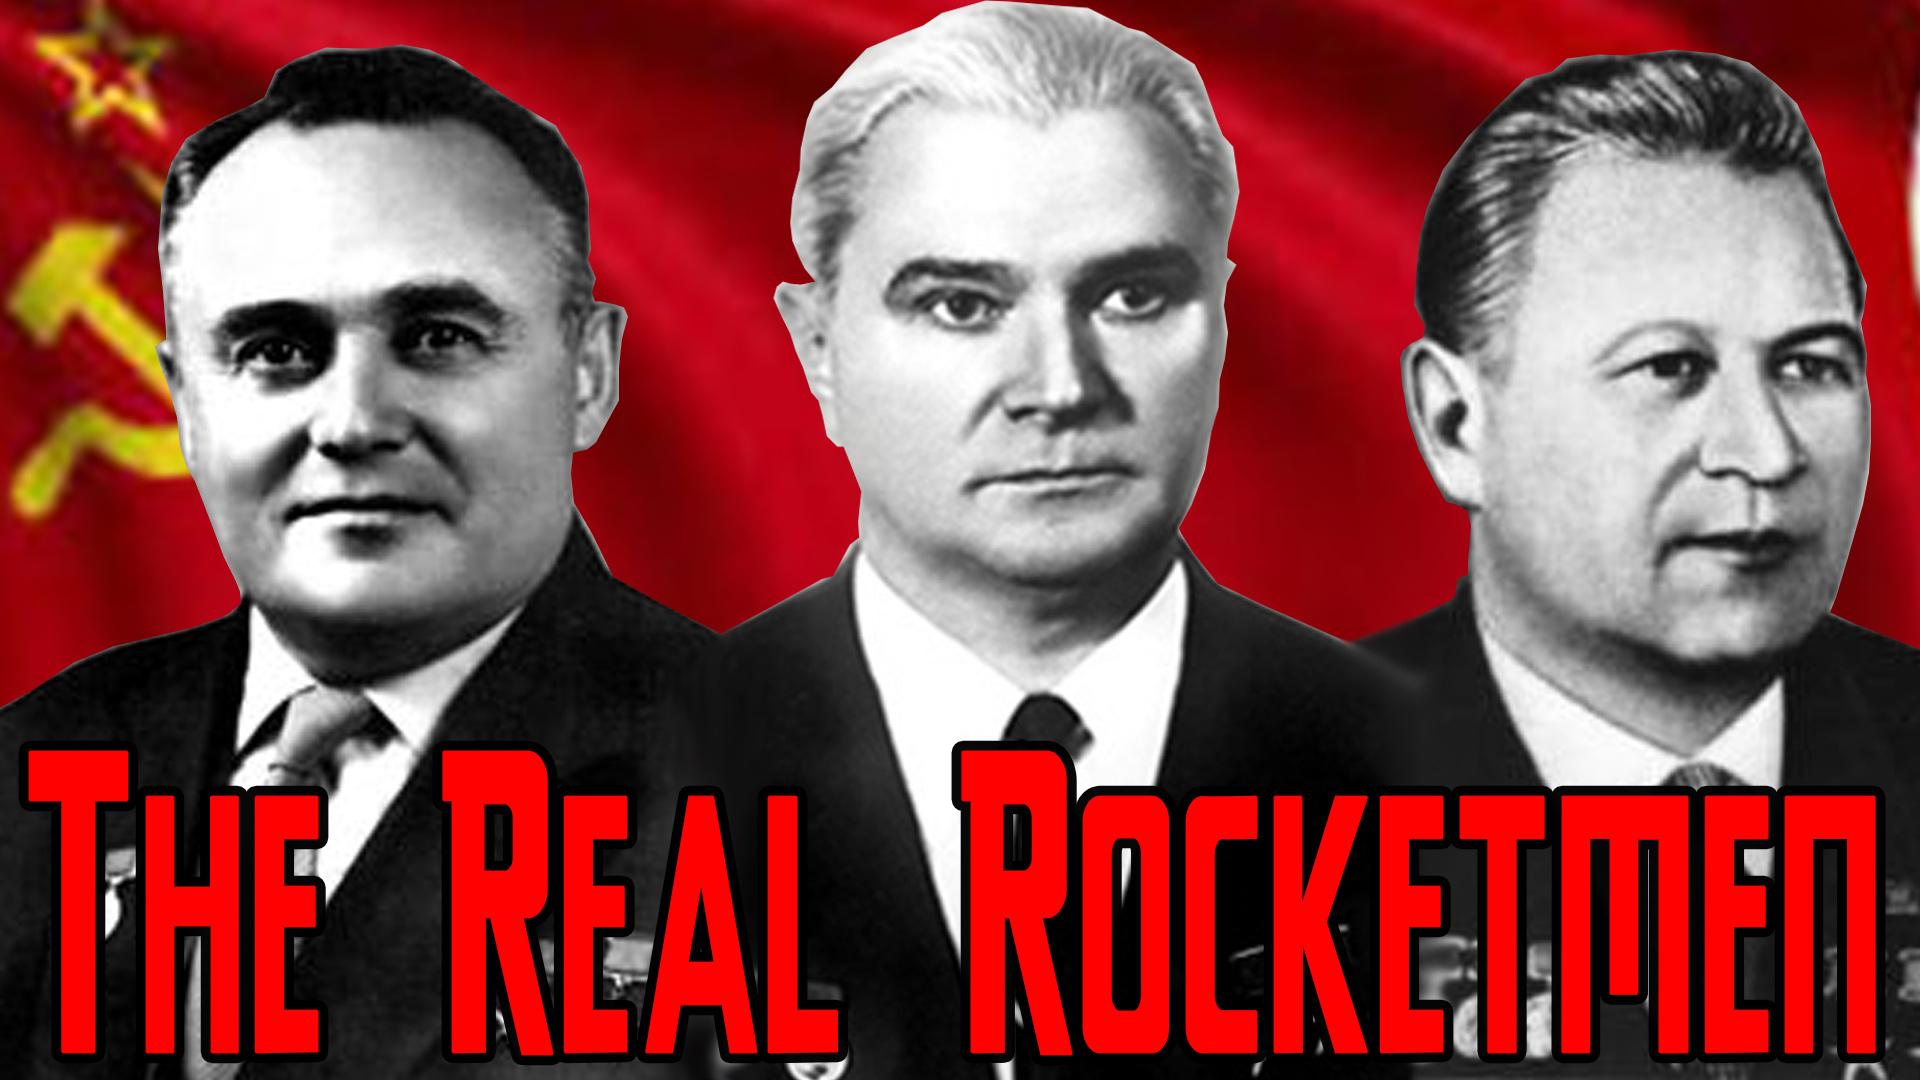 The real soviet rocket men